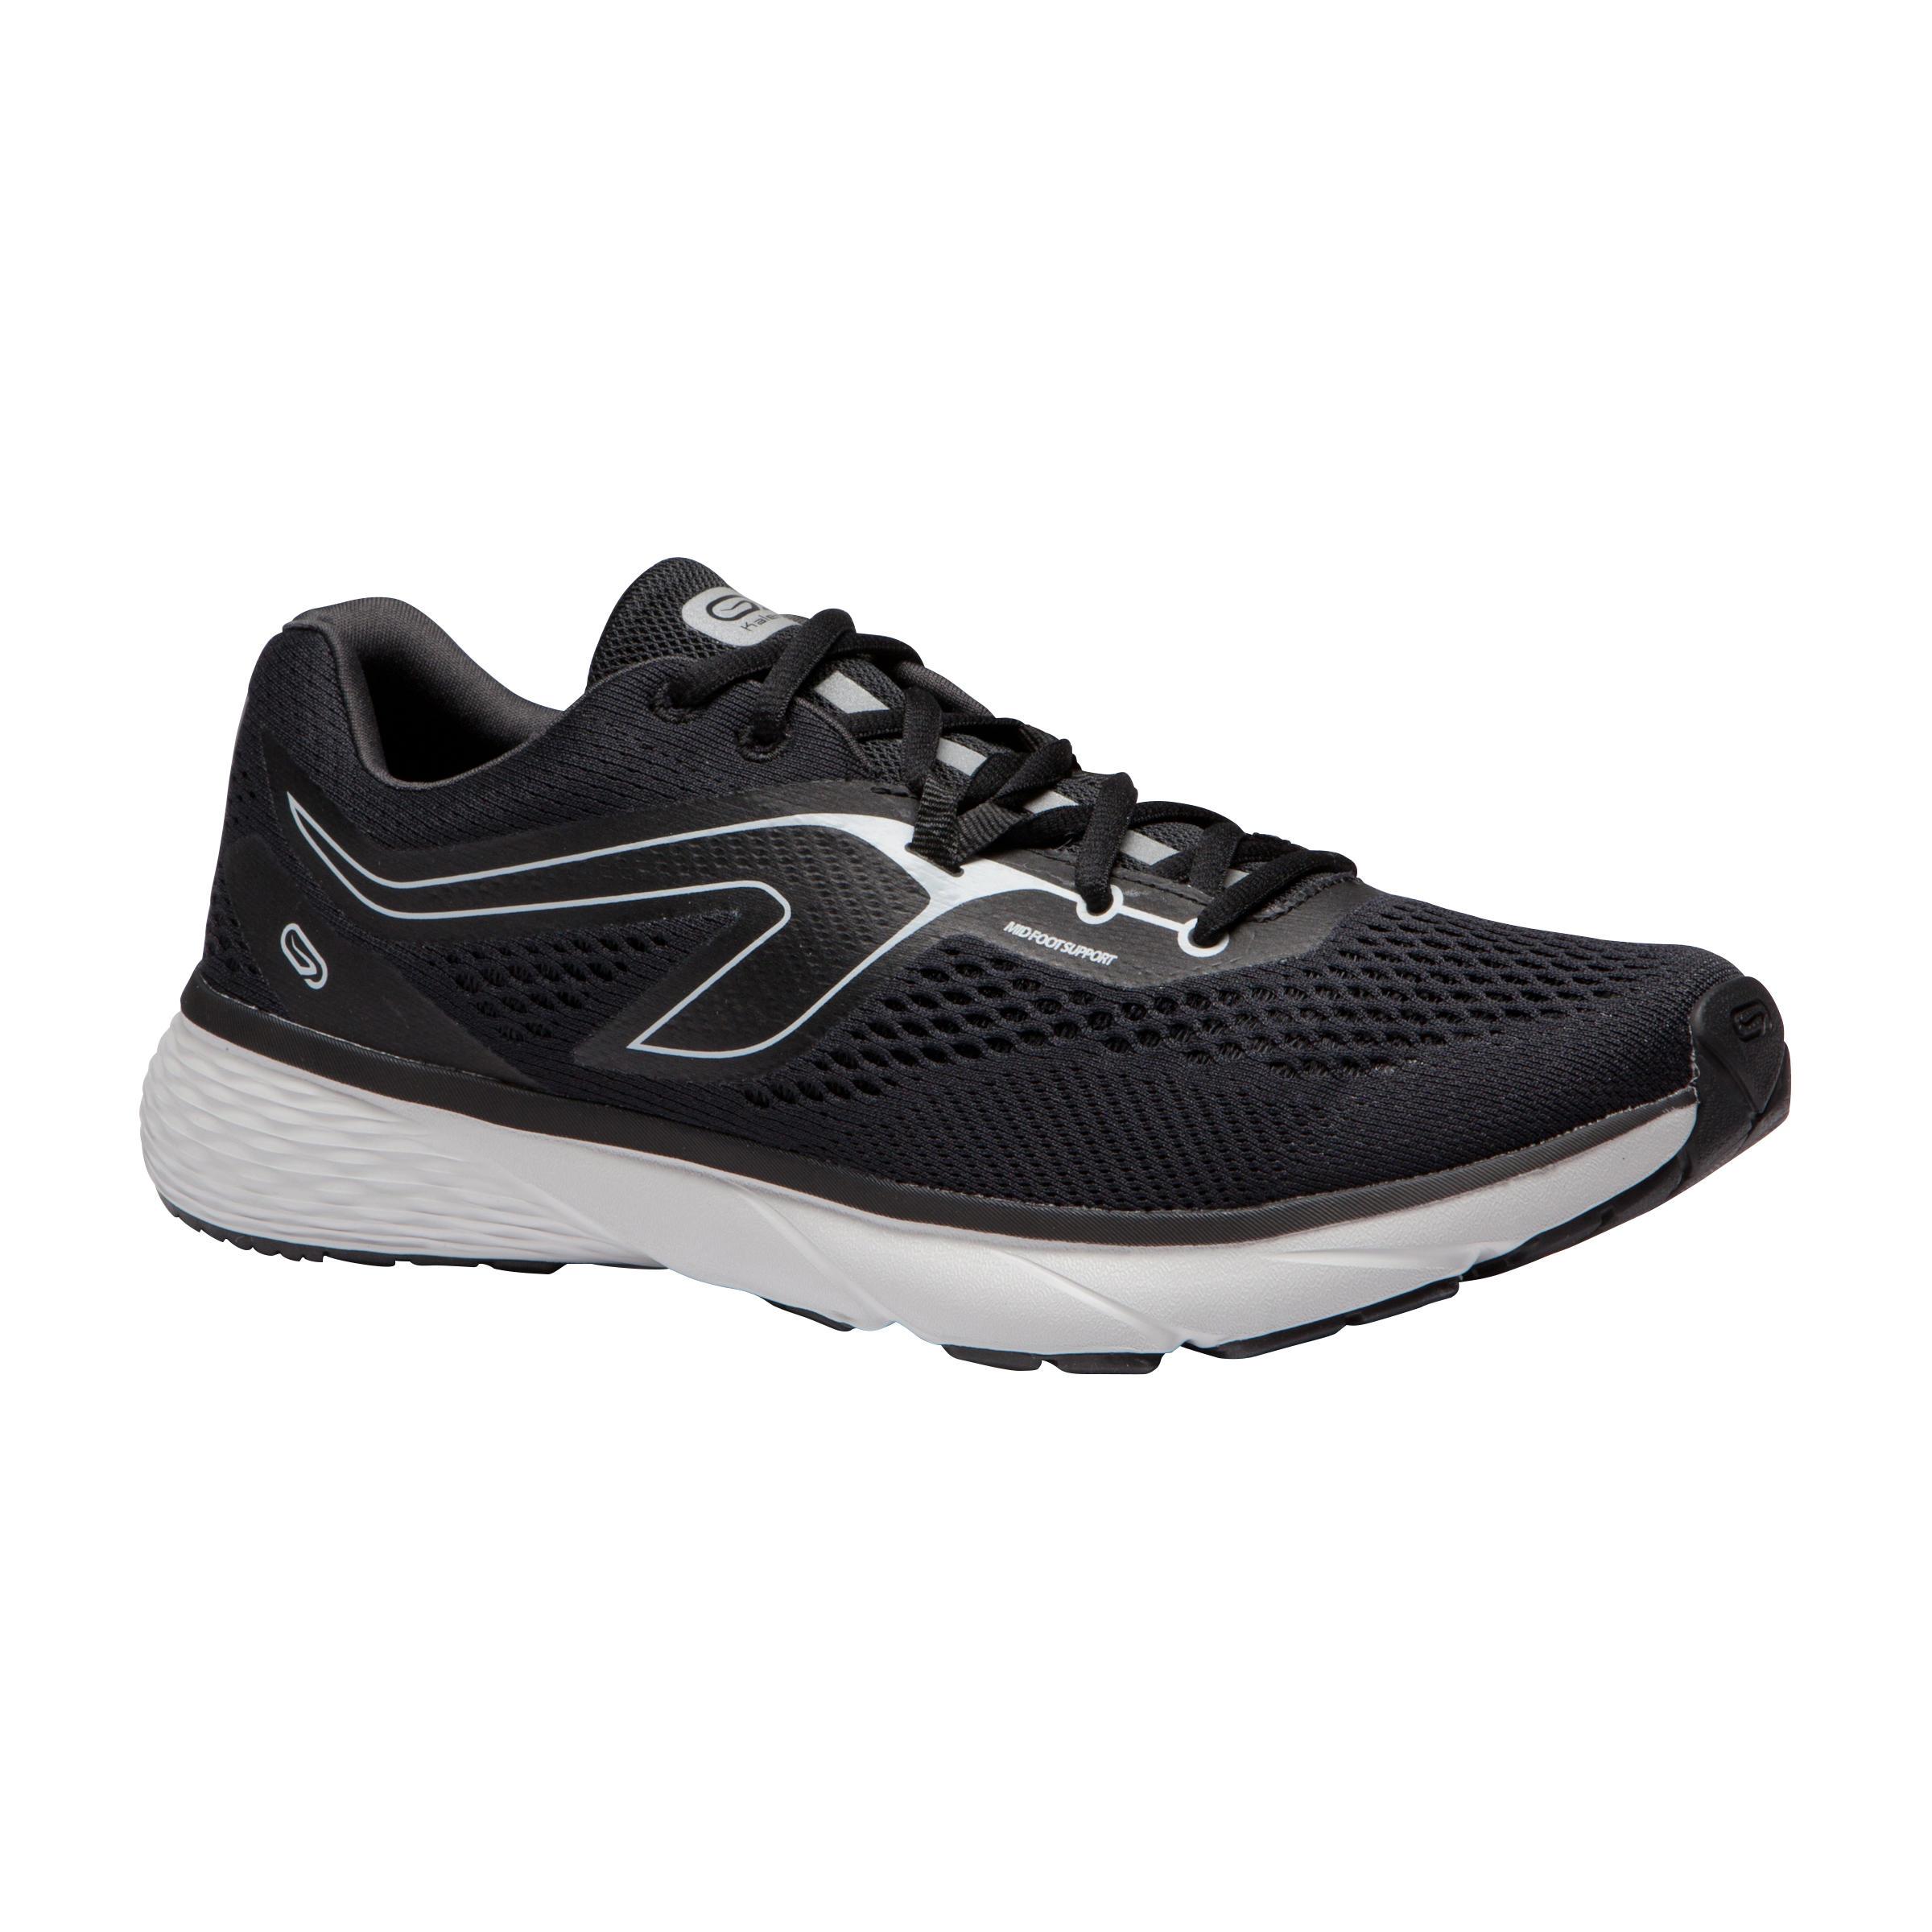 Kalenji Joggingschoenen voor heren Run Support zwart kopen